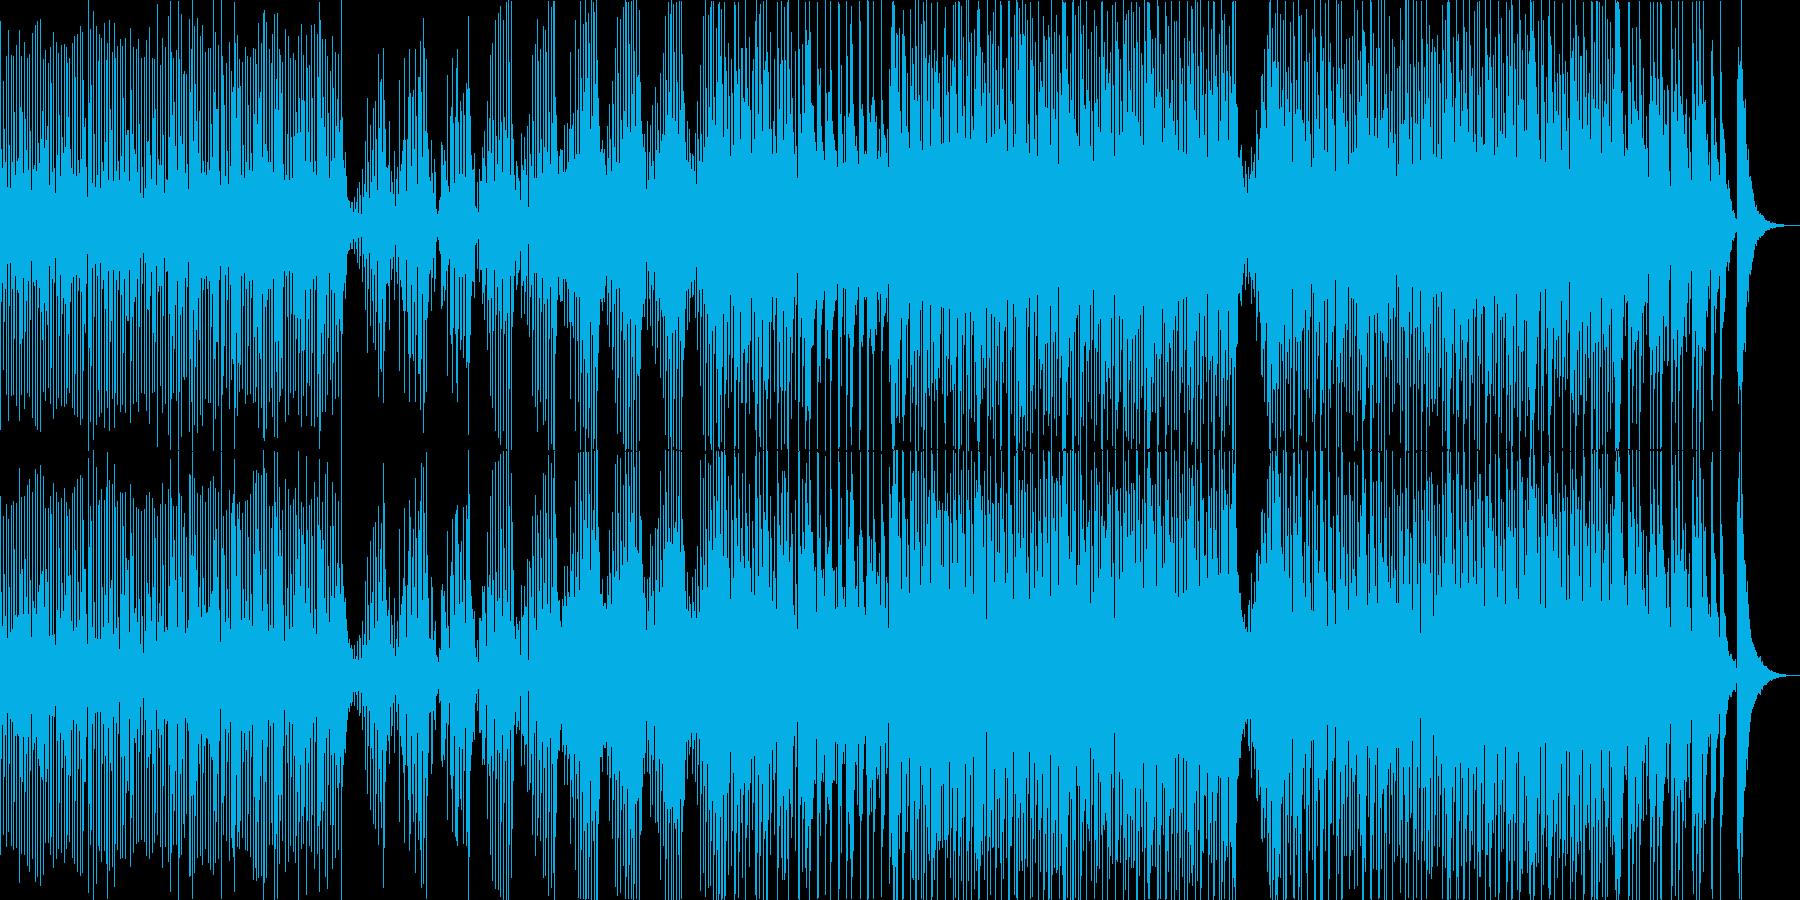 勢いのある三味線と太鼓のアンサンブルの再生済みの波形